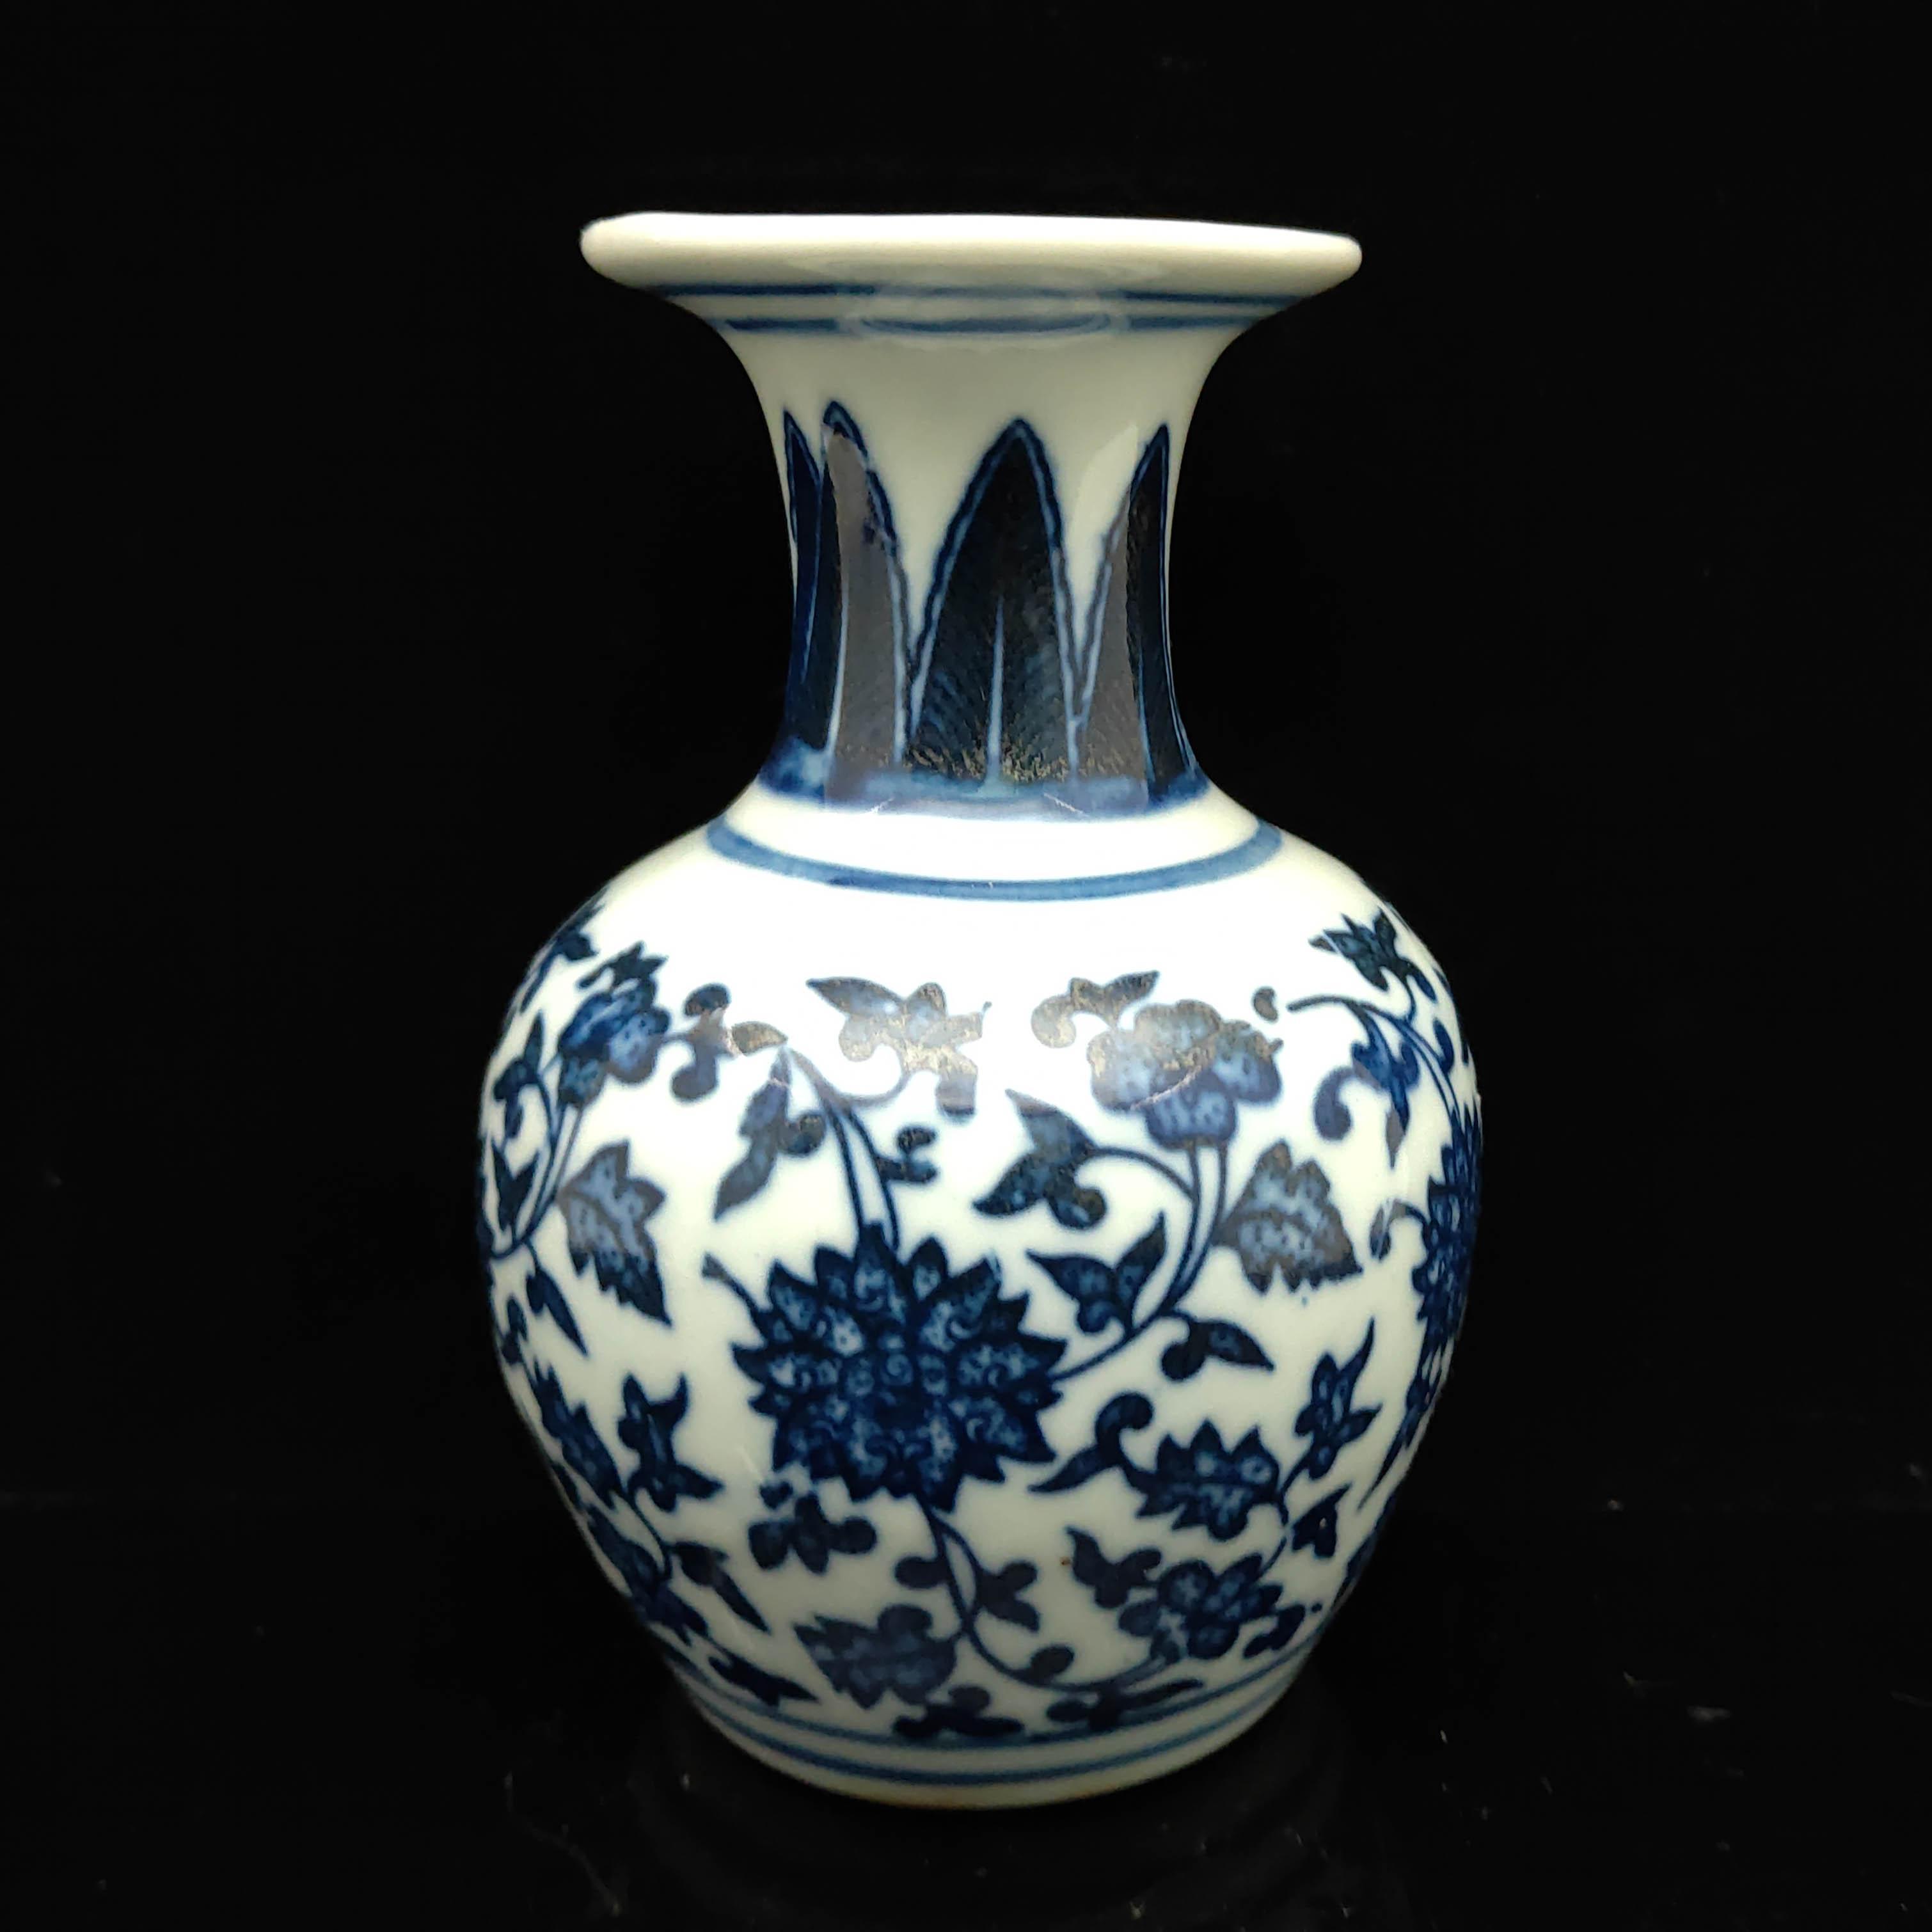 Azul viejo chino y porcelana blanca hecha a mano Jarrón Qianlong marca S039